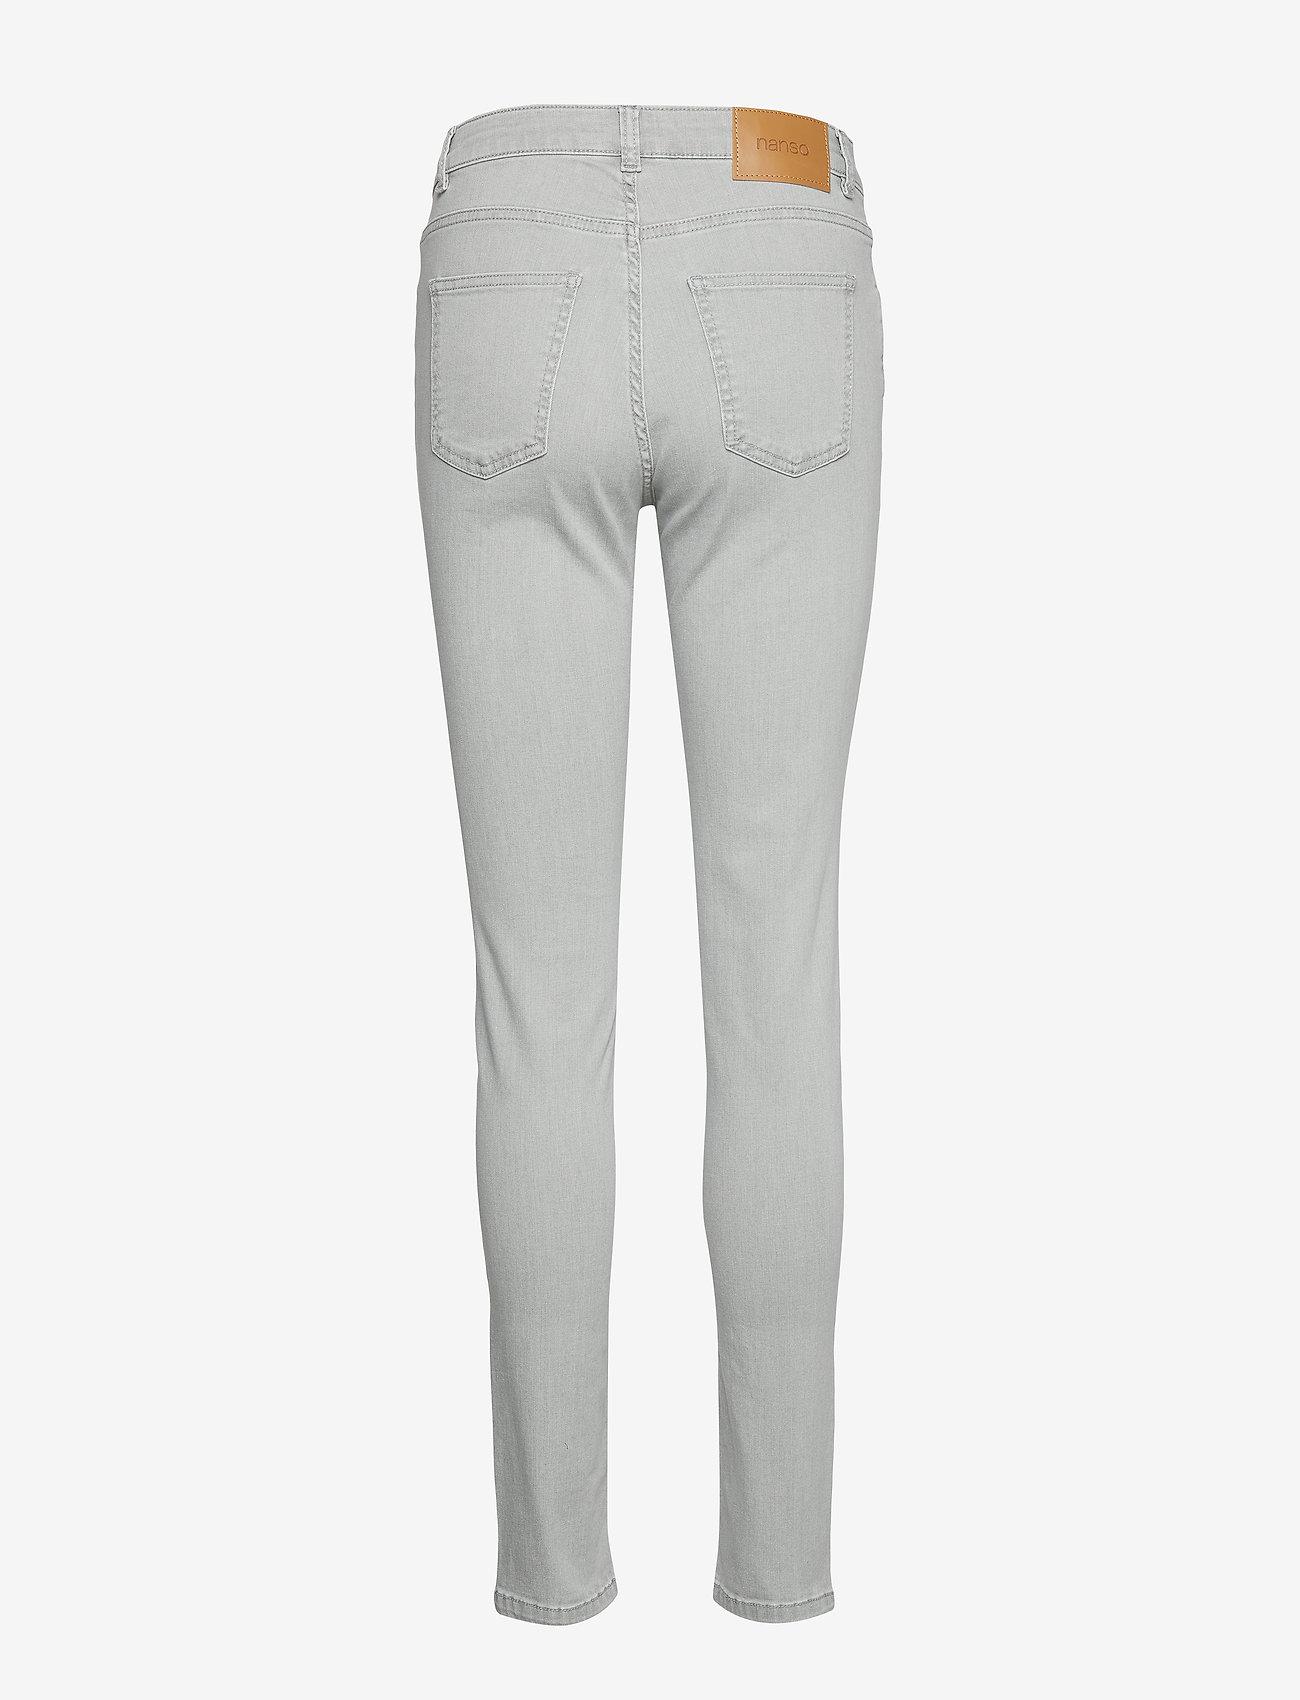 Ladies Jeans, Demi (Grey) - Nanso lcsUXP